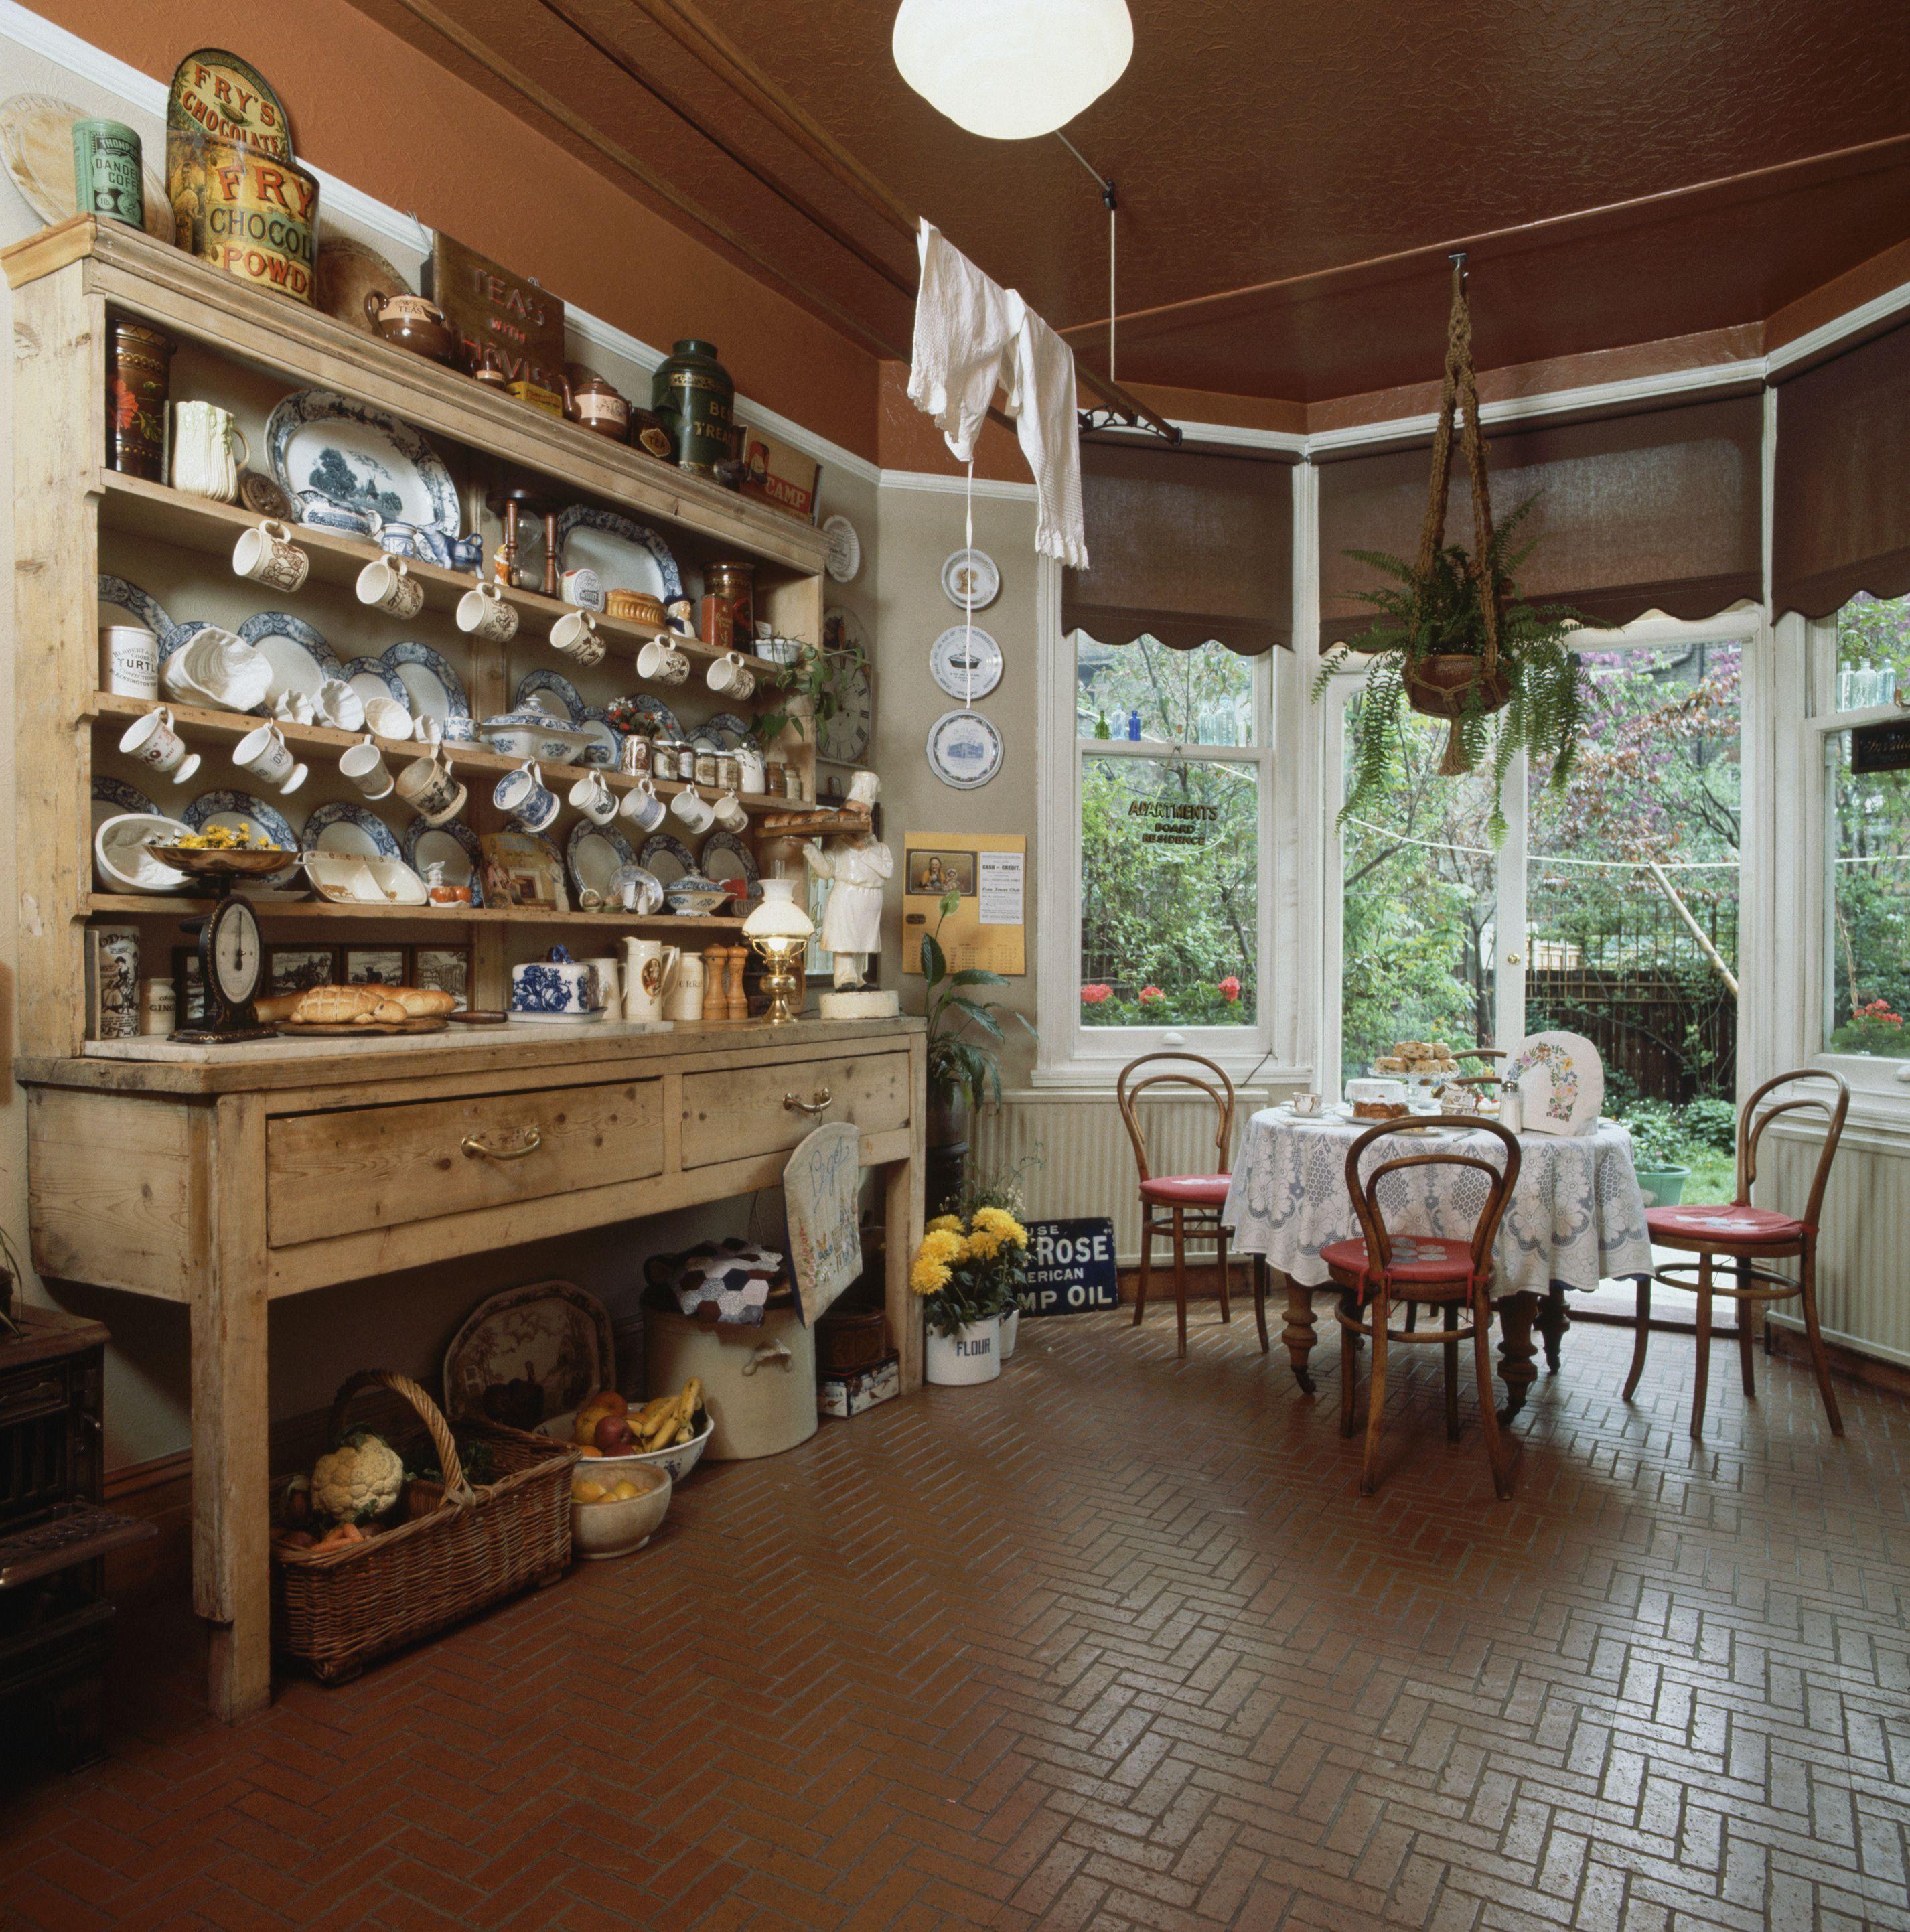 Brick Flooring Kitchen: Brick Flooring Pavers In A Kitchen Environment